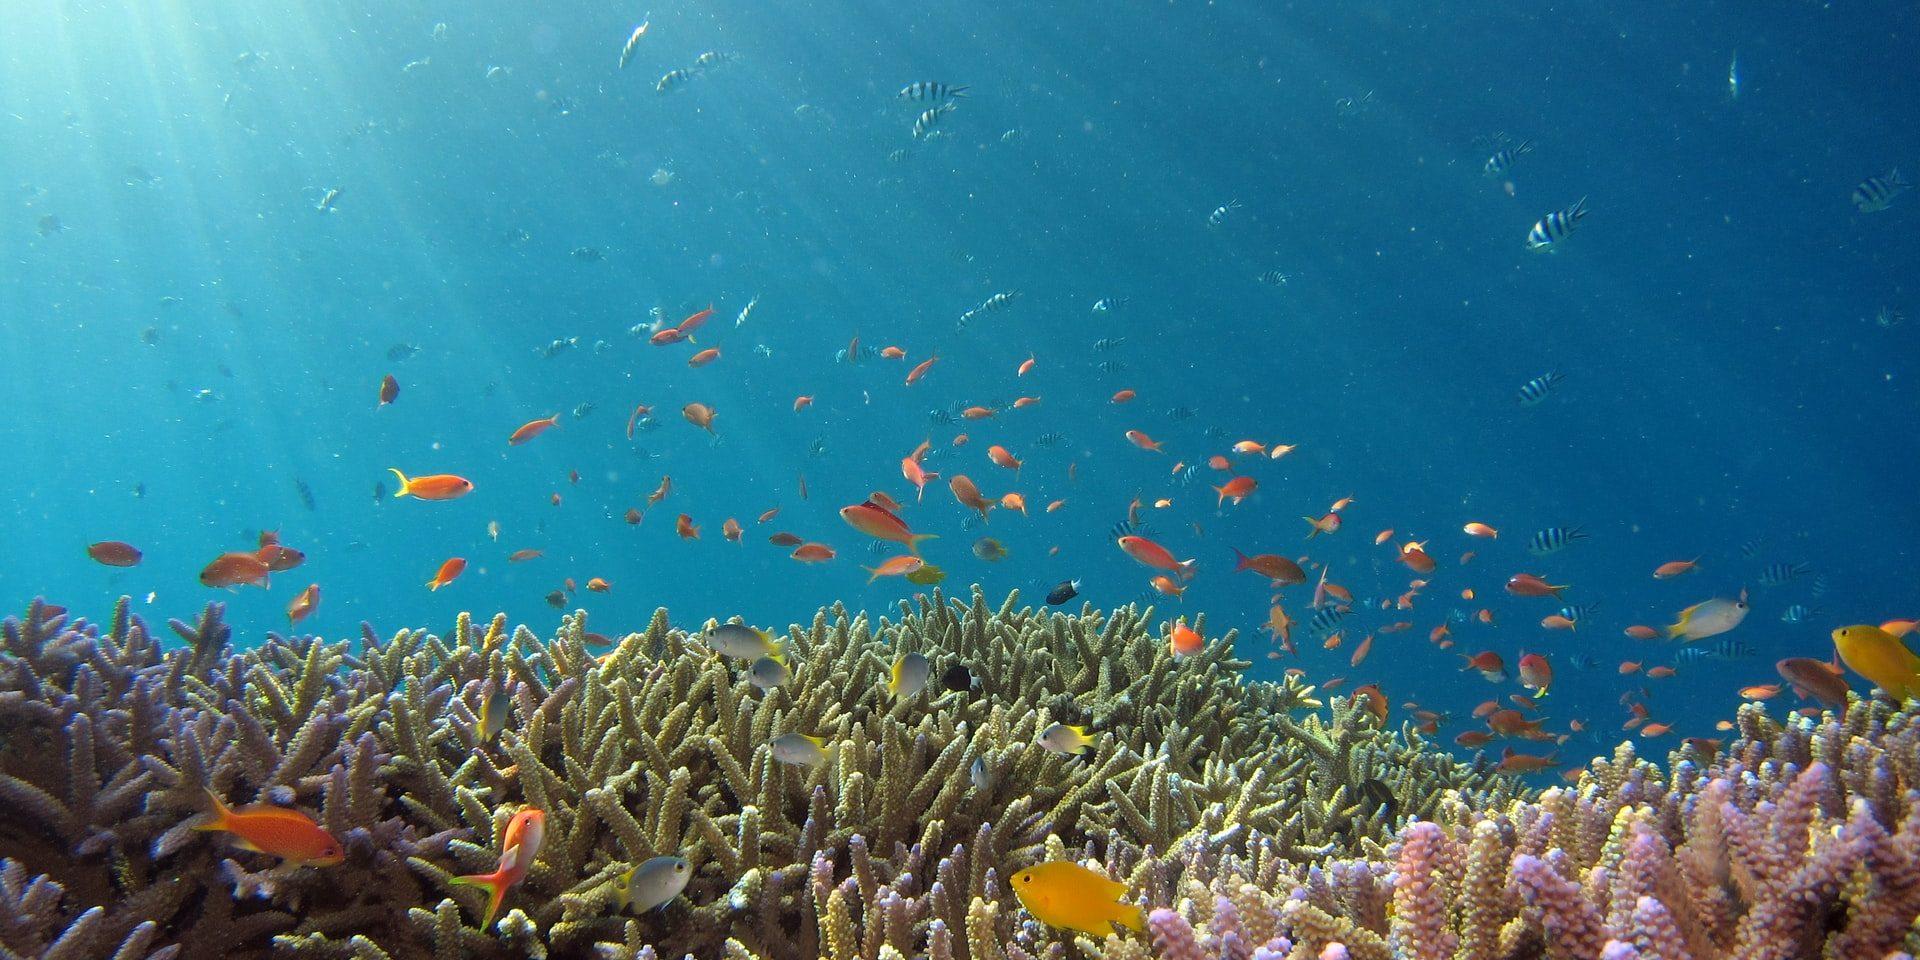 Beautiful reef and orange fish in Okinawa sea.